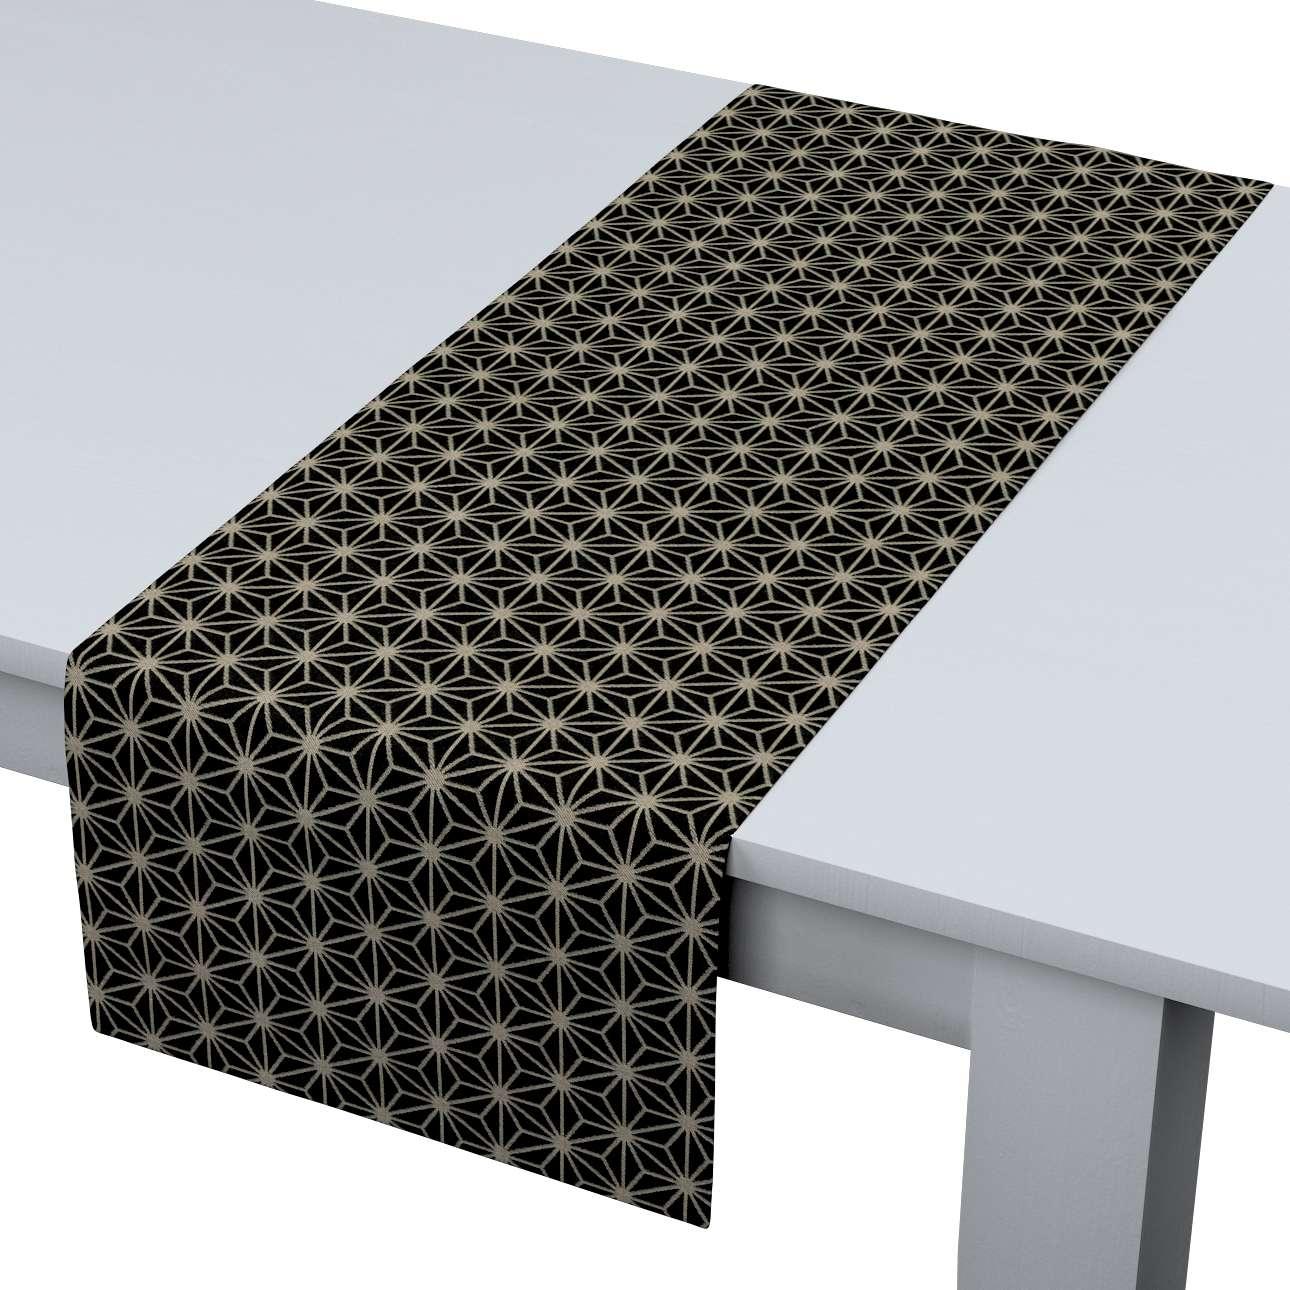 Štóla na stôl V kolekcii Black & White, tkanina: 142-56